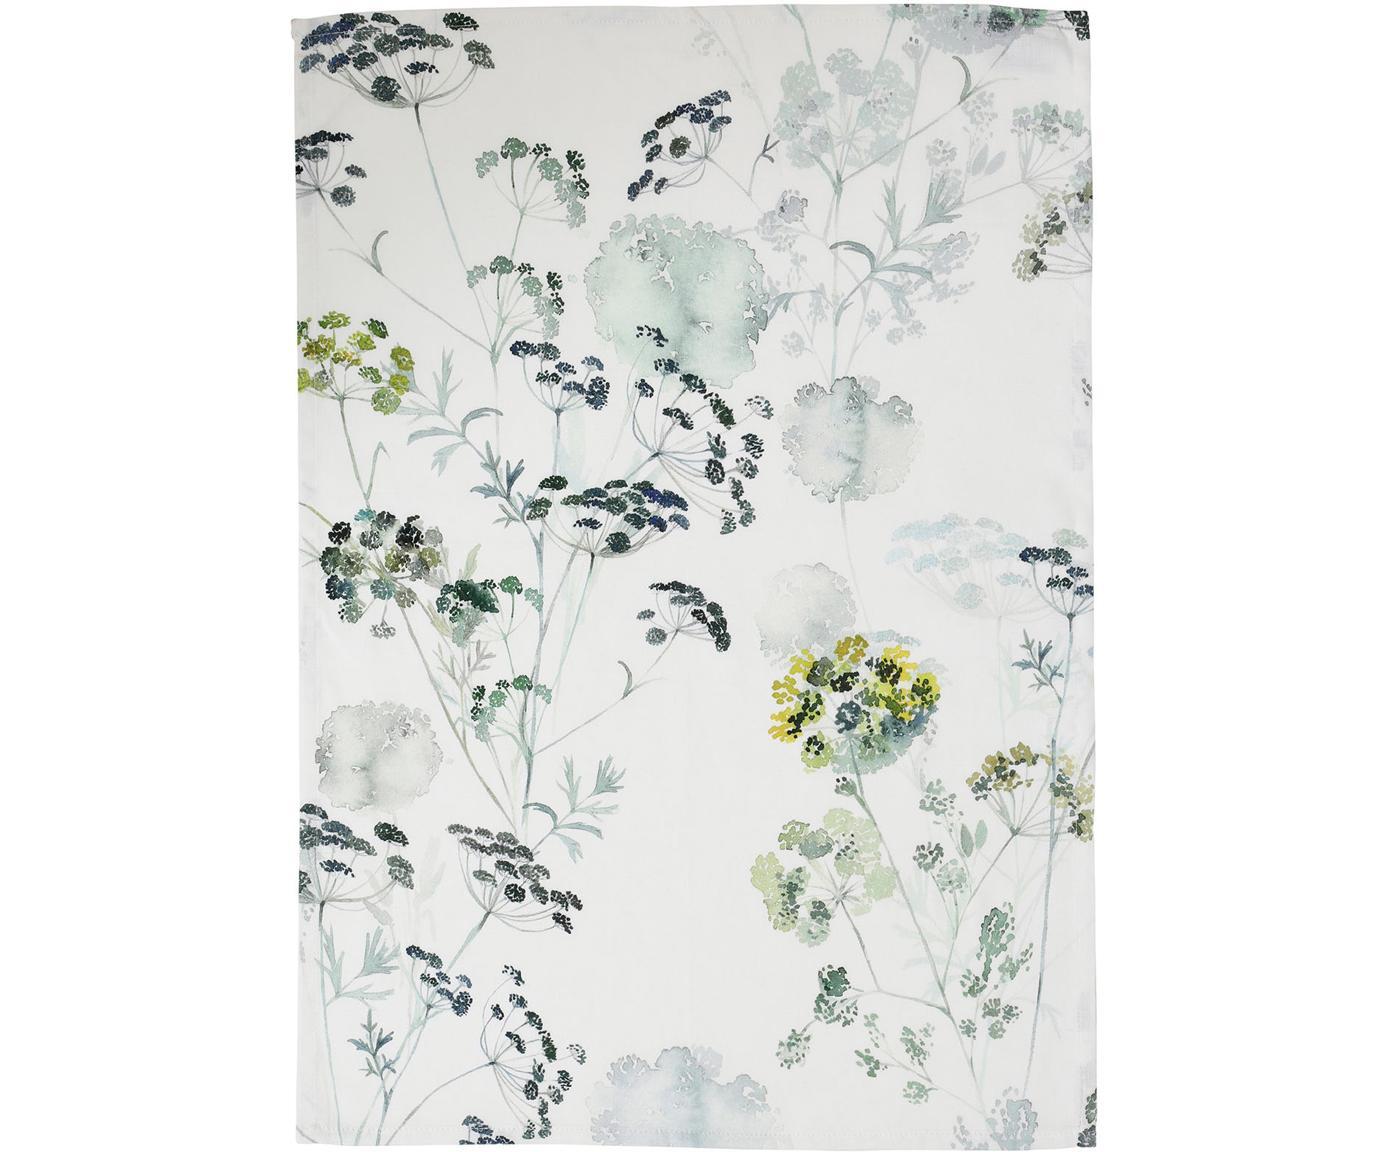 Paños de cocina Herbier, 2 uds., Algodón, Blanco, verde, An 50 x L 70 cm